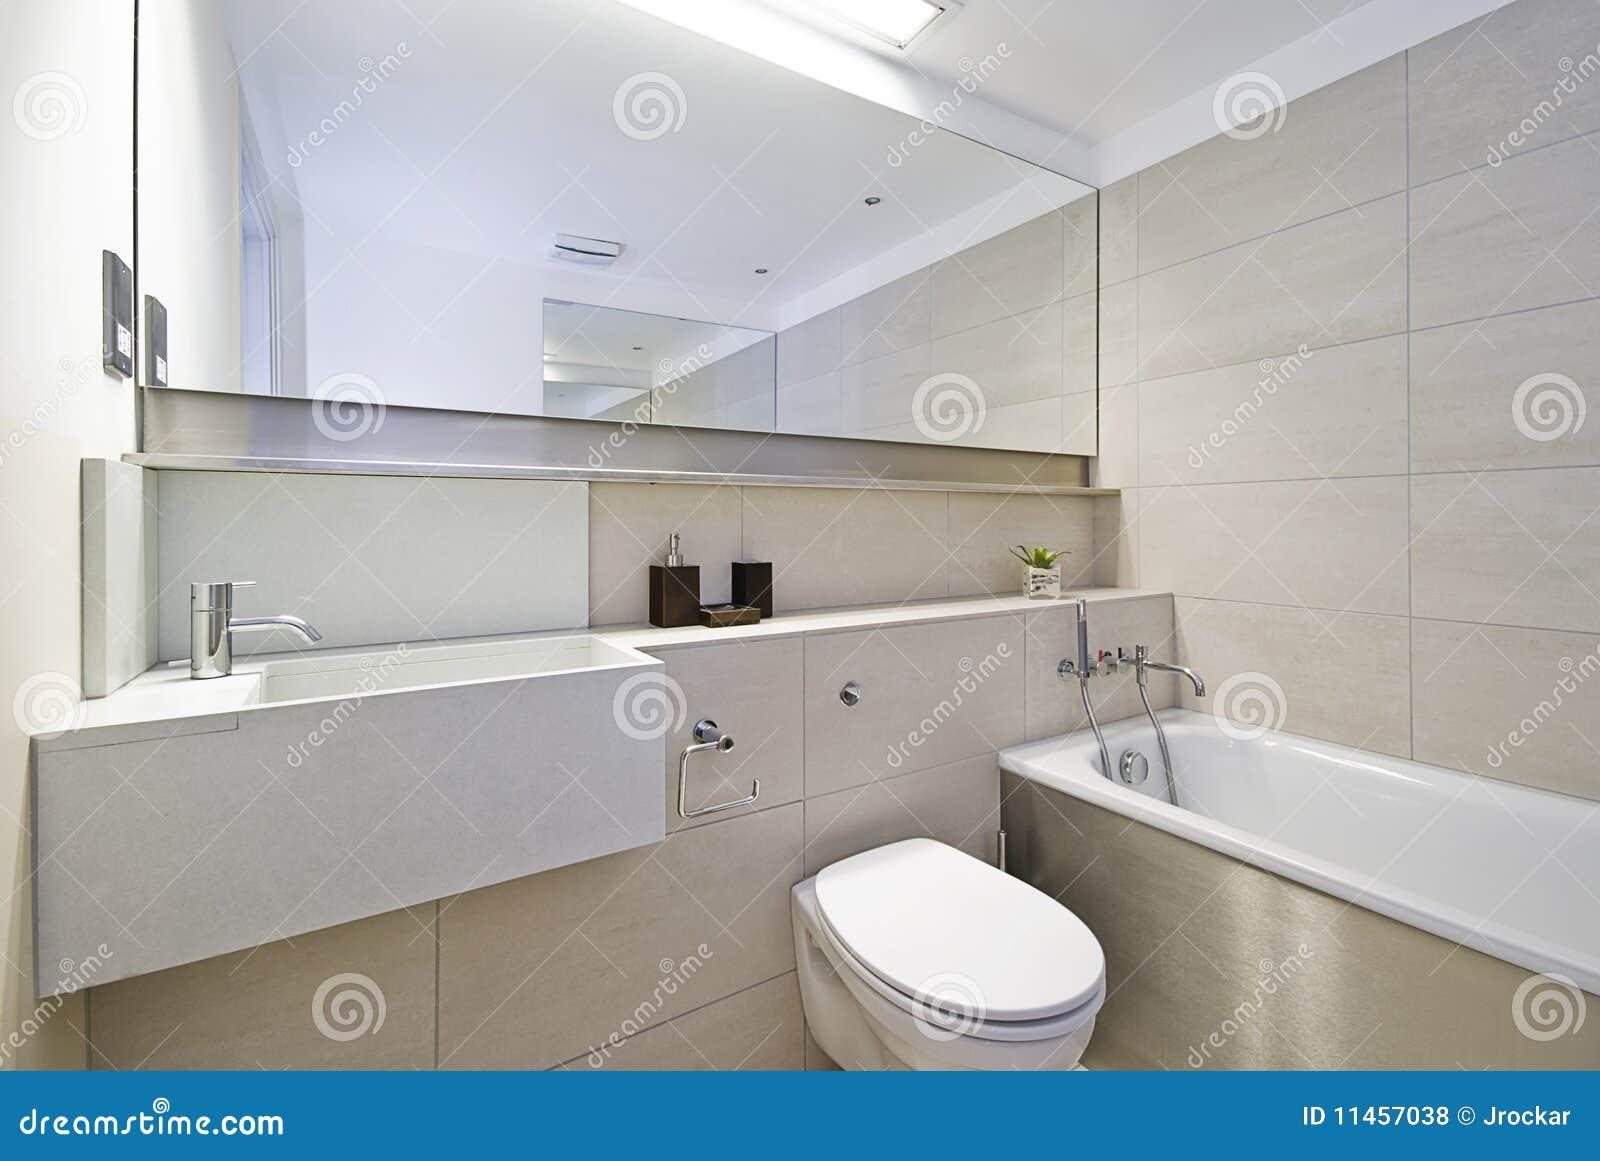 Banheiro Com Canto Do Chuveiro Fotos de Stock Royalty Free Imagem  #82A229 1300 960